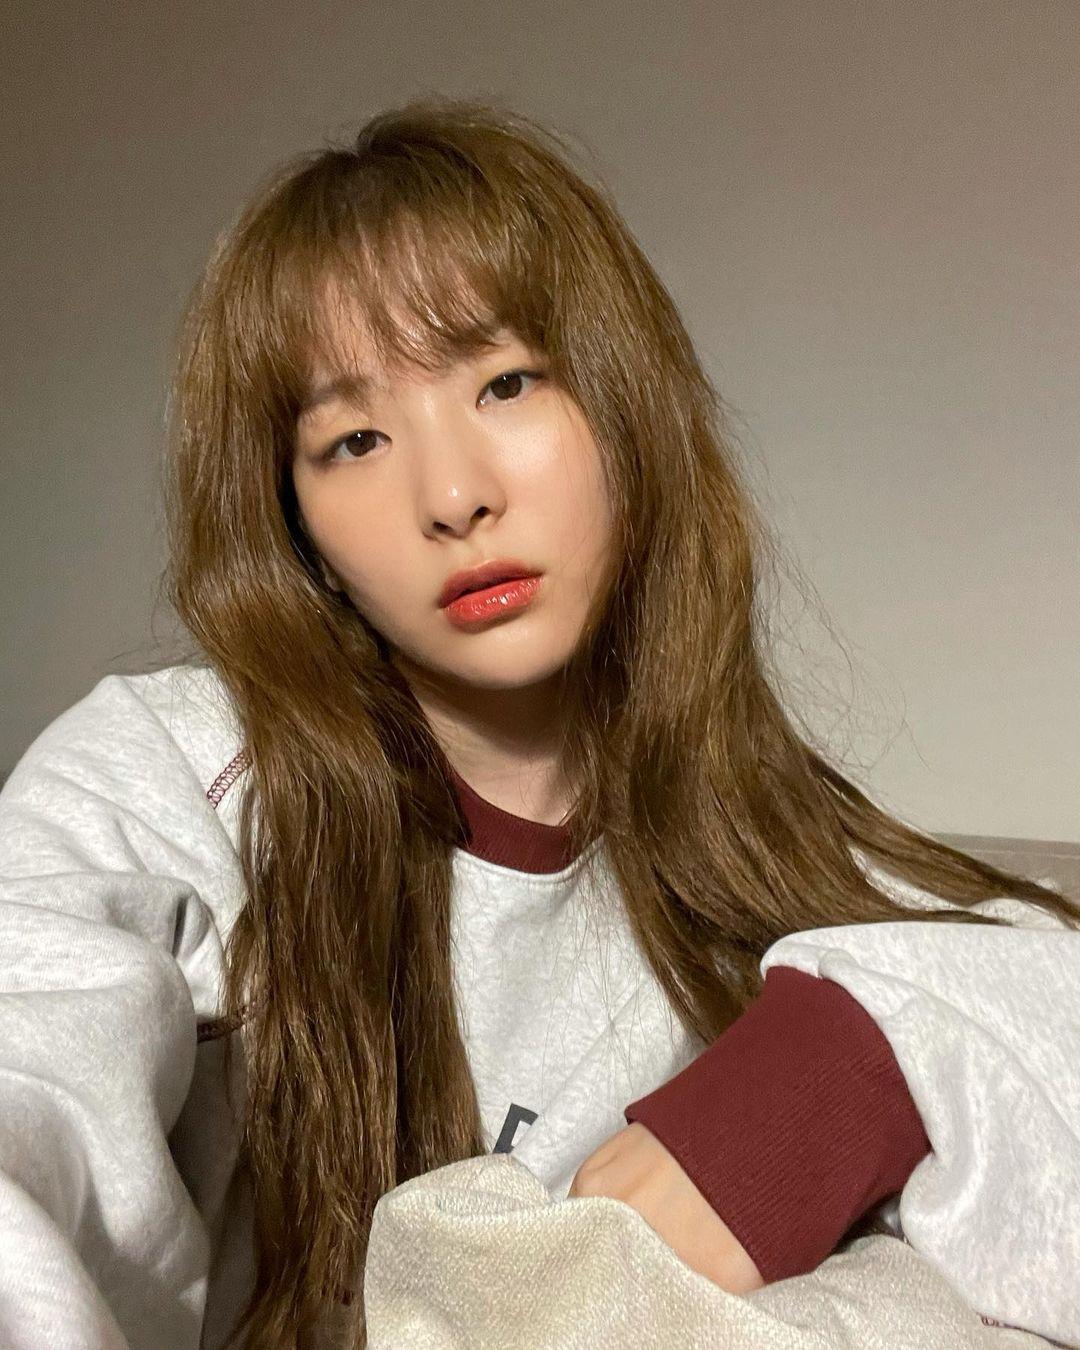 4 xu hướng nhuộm tóc mùa thu của sao Hàn: Toàn màu tôn da, thanh lịch hợp công sở - Ảnh 6